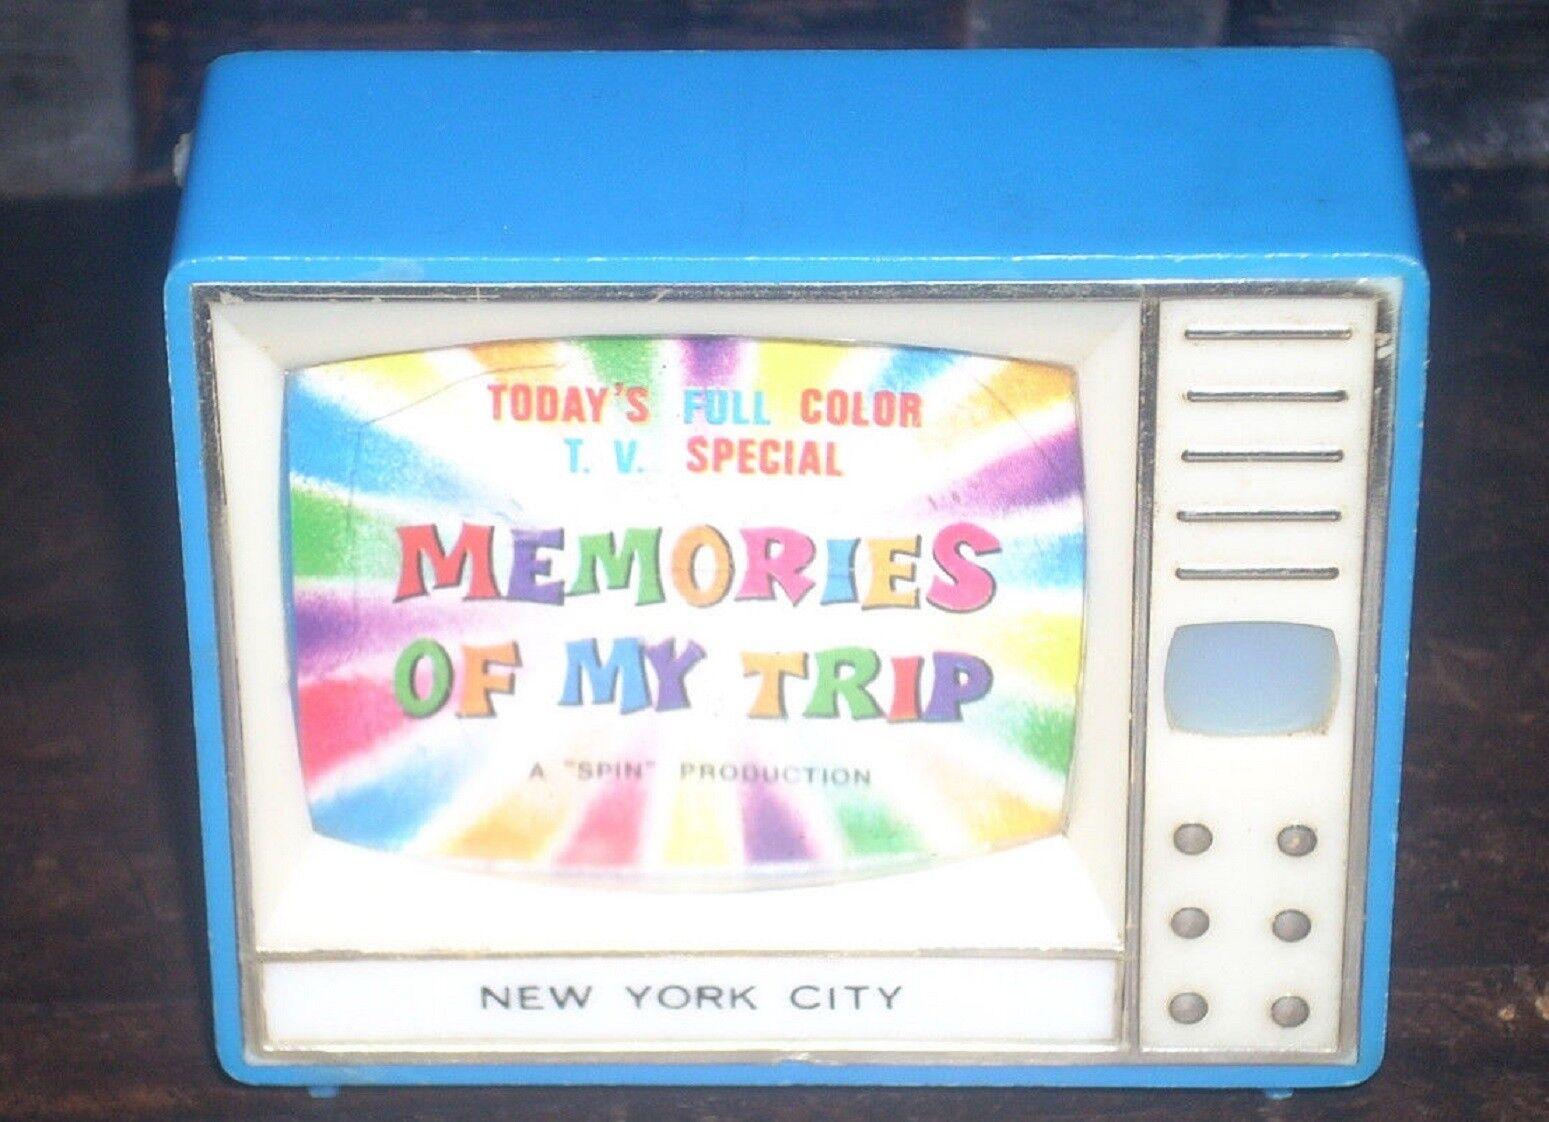 Alte erinnerungen meiner reise tv besondere farbe ny in new york city view-master dia